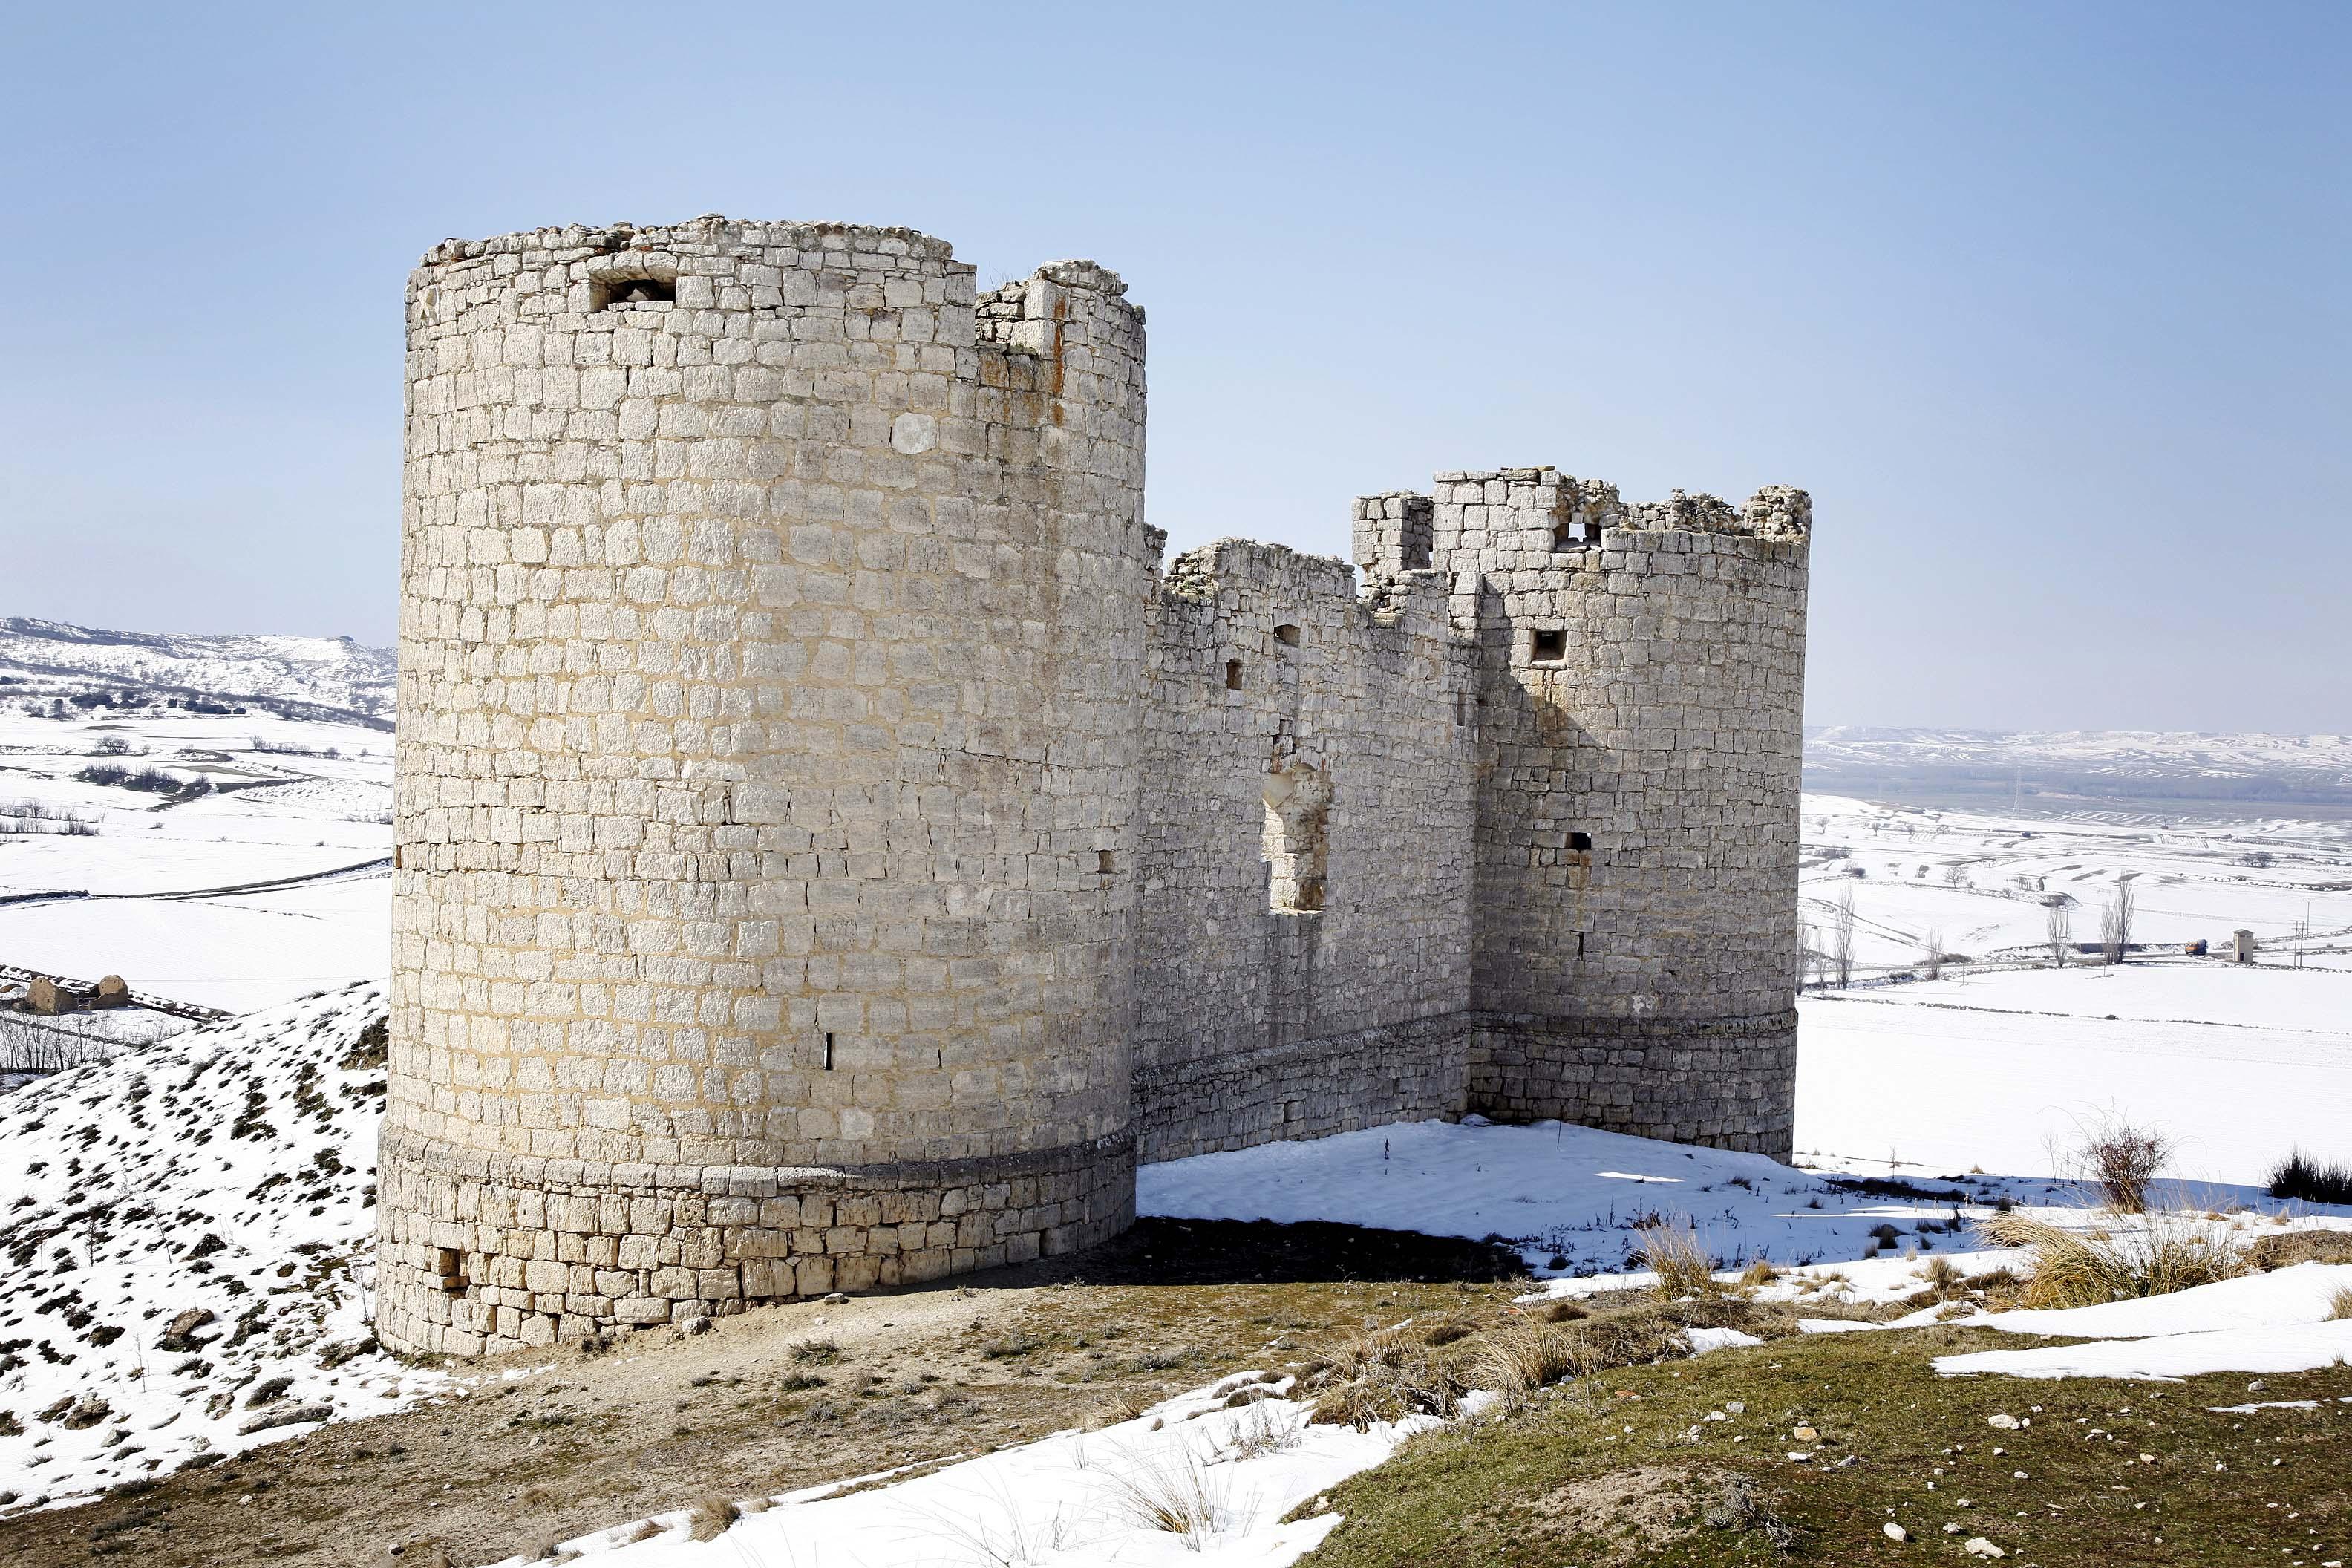 Hornillos Nieve-Castillo 3